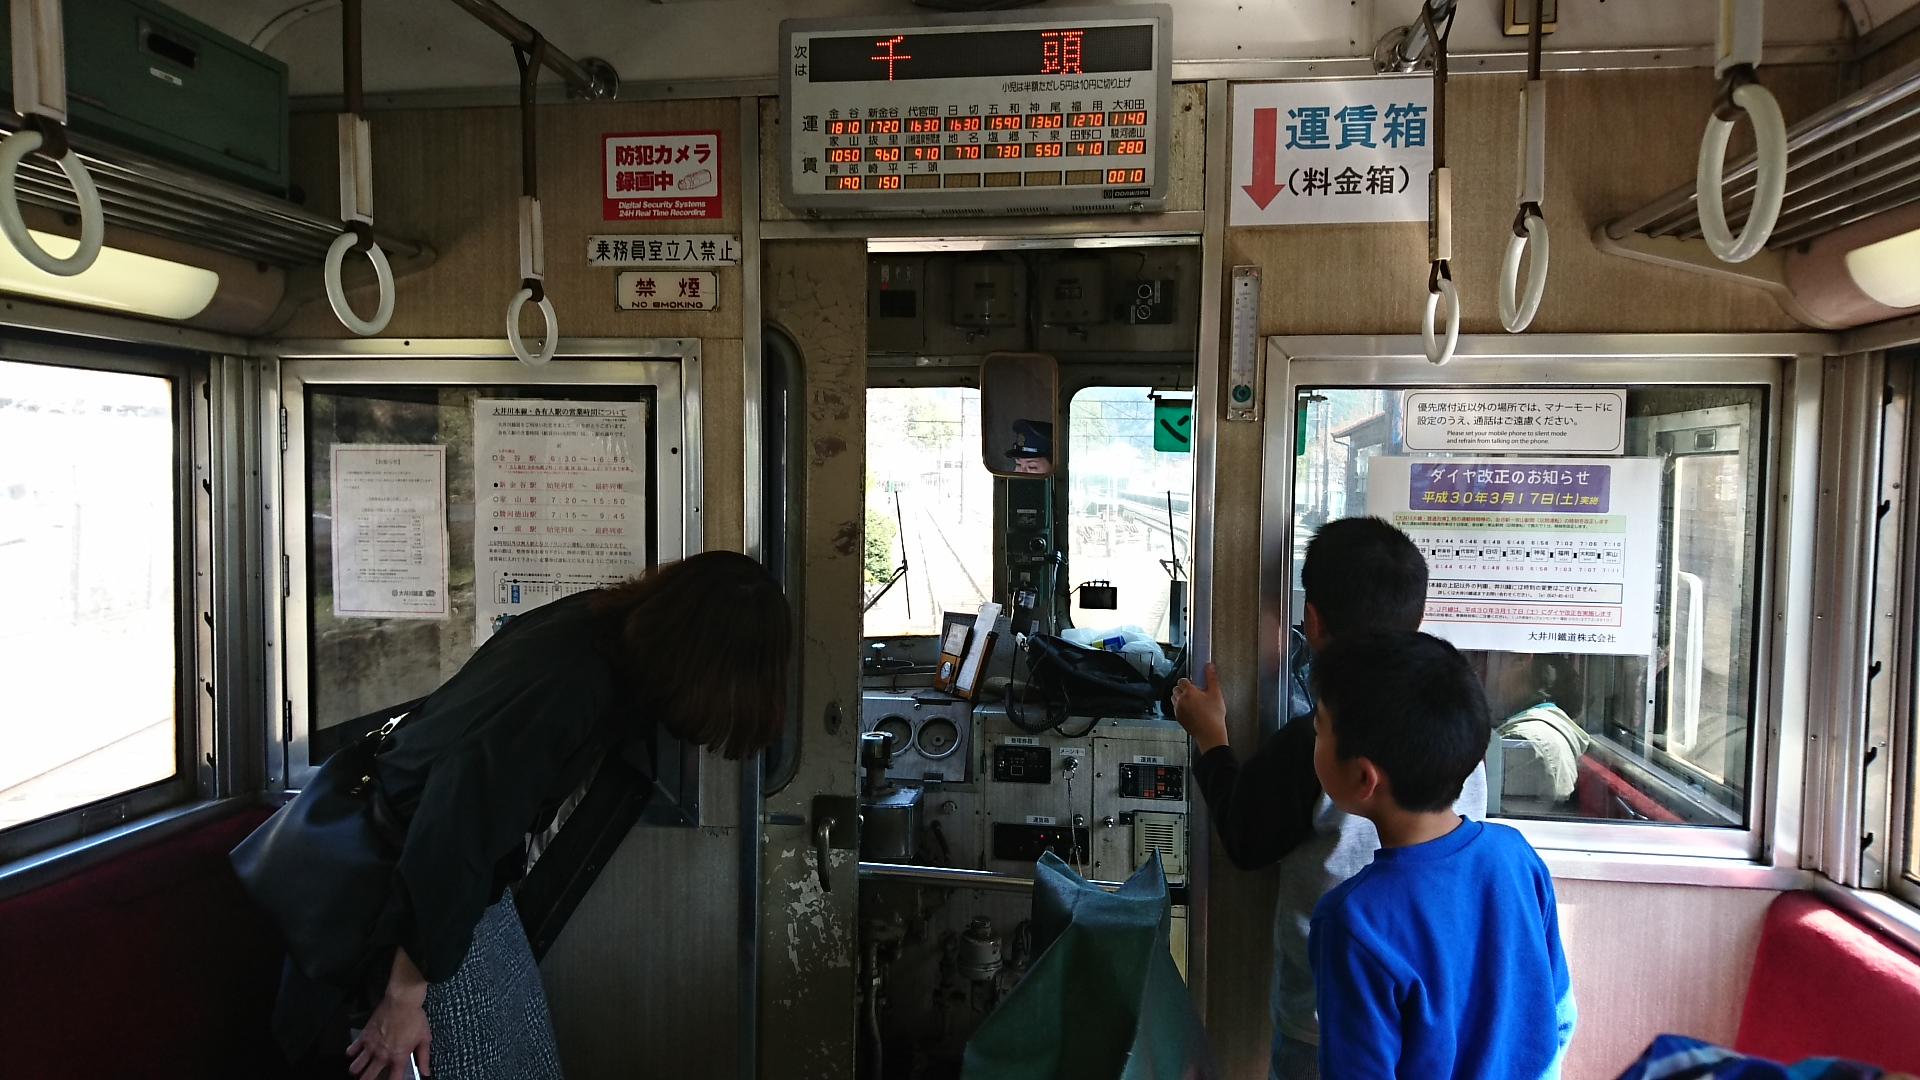 2018.3.28 大井川本線 (60) 千頭いきふつう - 千頭 1920-1080